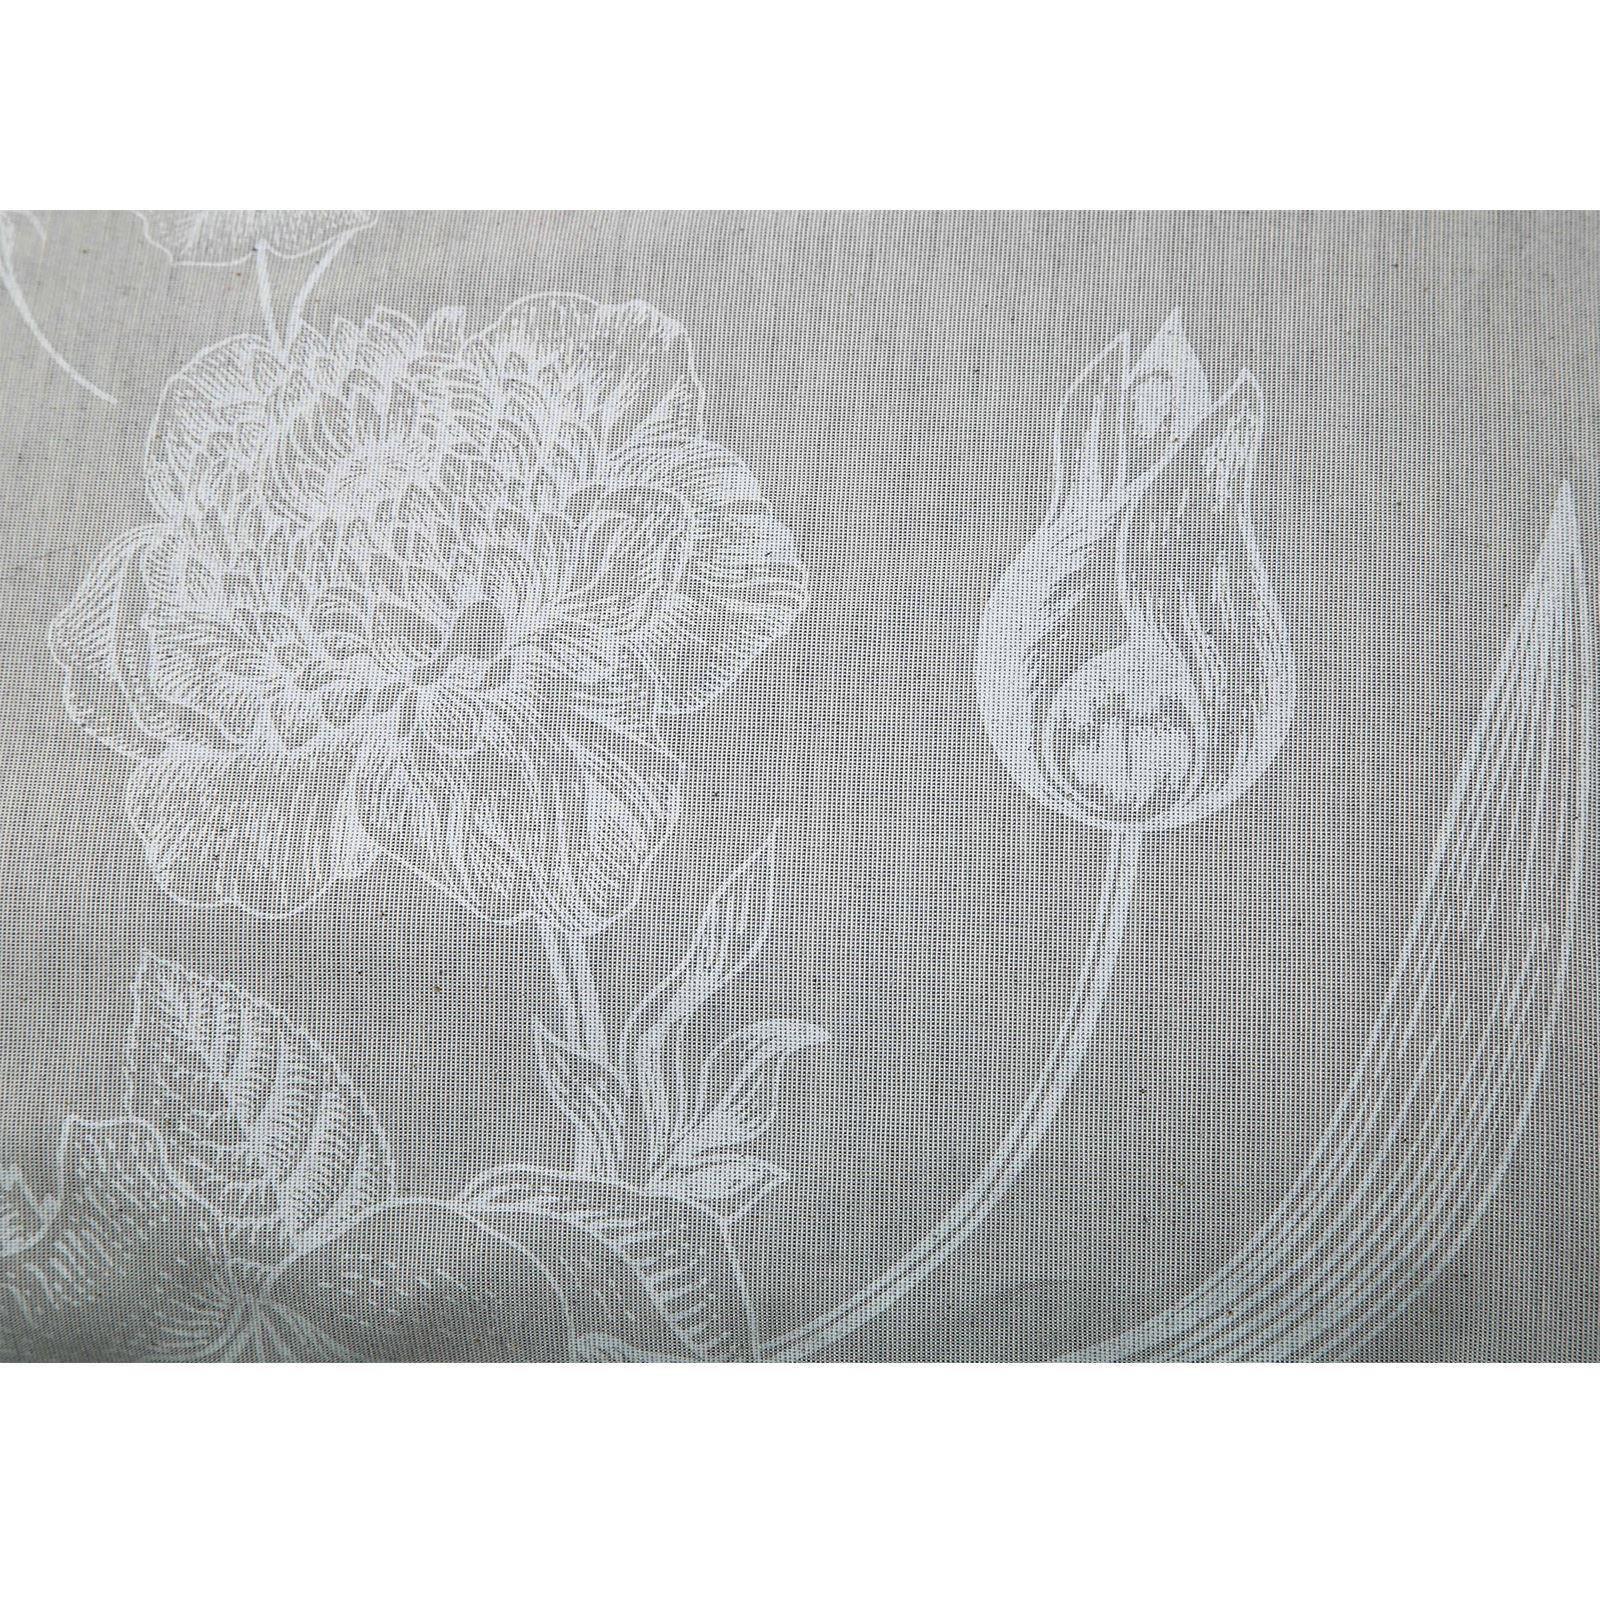 Funda-De-Edredon-Edredon-Juego-De-Cama-Individual-Doble-King-Size-Con-Estampado-Floral-fil-a-fil miniatura 16